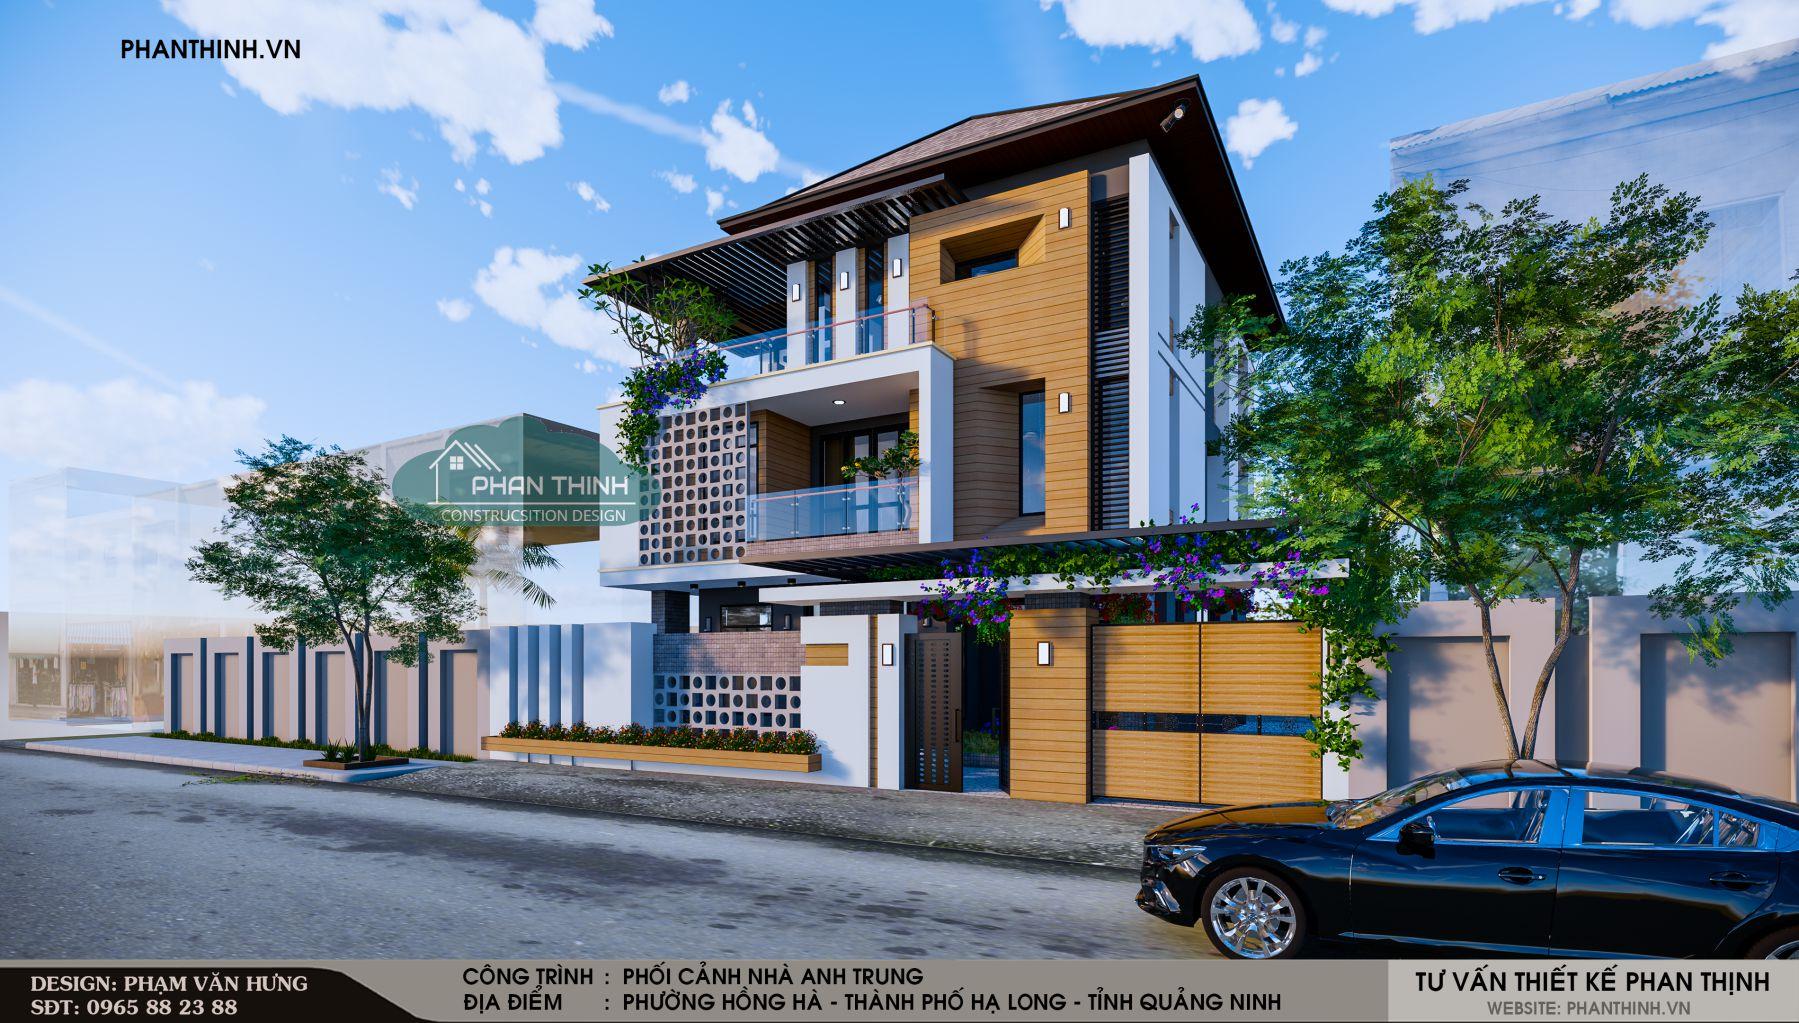 thiết kế nhà biệt thự 3 tầng Quảng Ninh